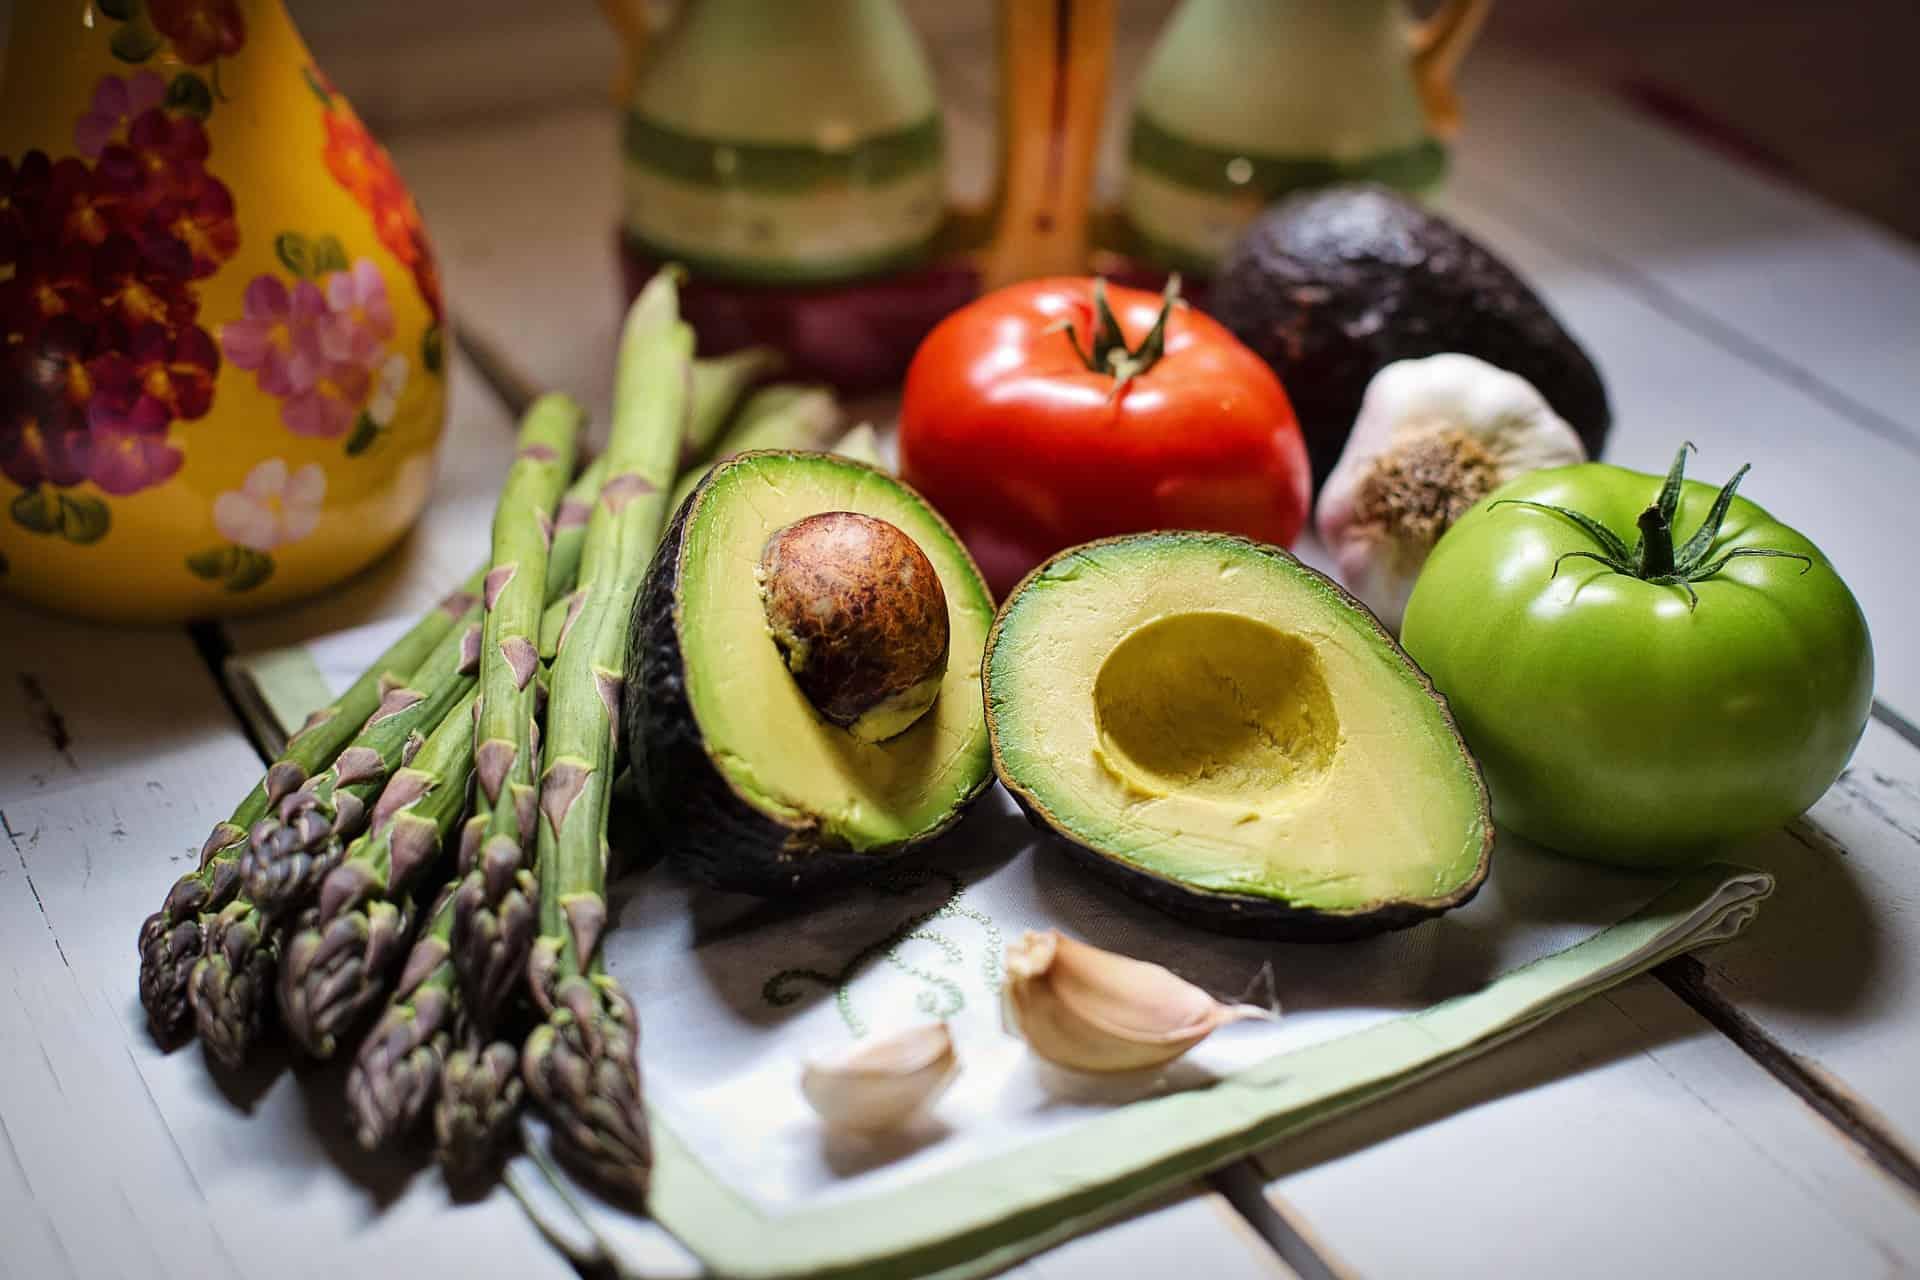 Gemüseschneider: Test & Empfehlungen (03/21)